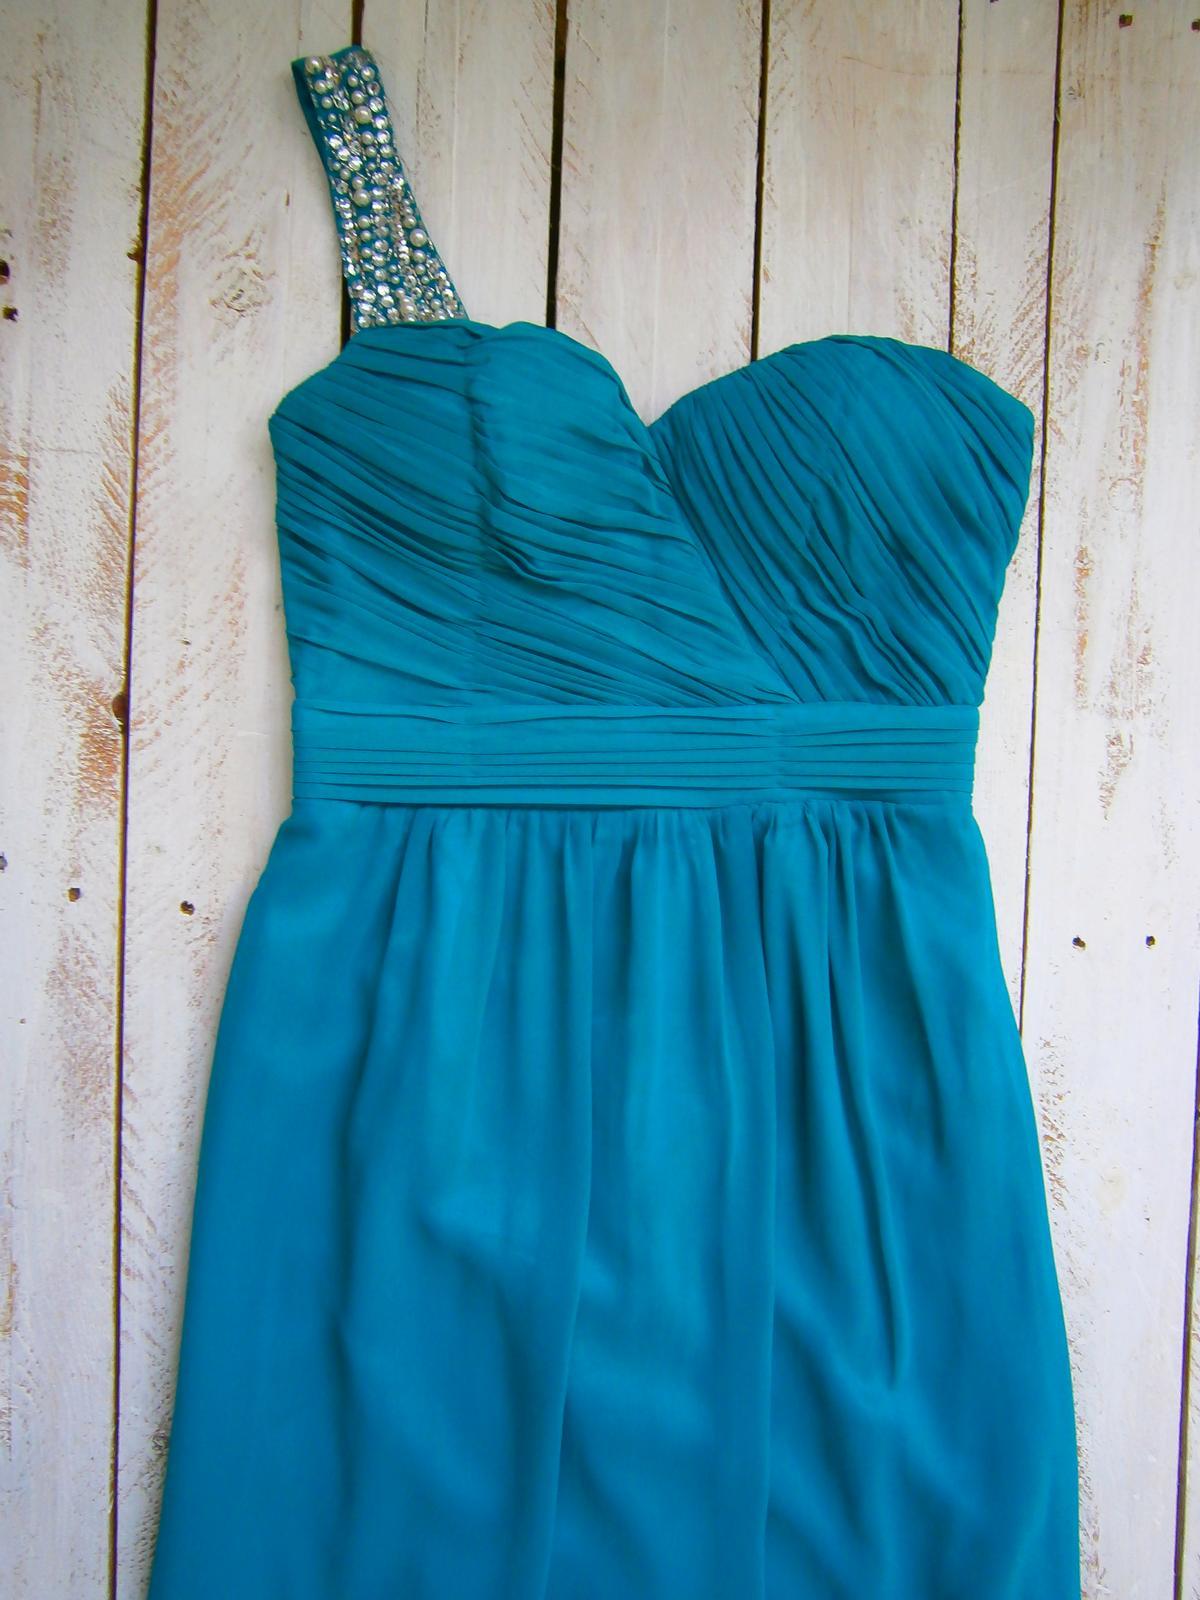 Dlhé spoločenské šaty Jane Norman XS/S - Obrázok č. 1